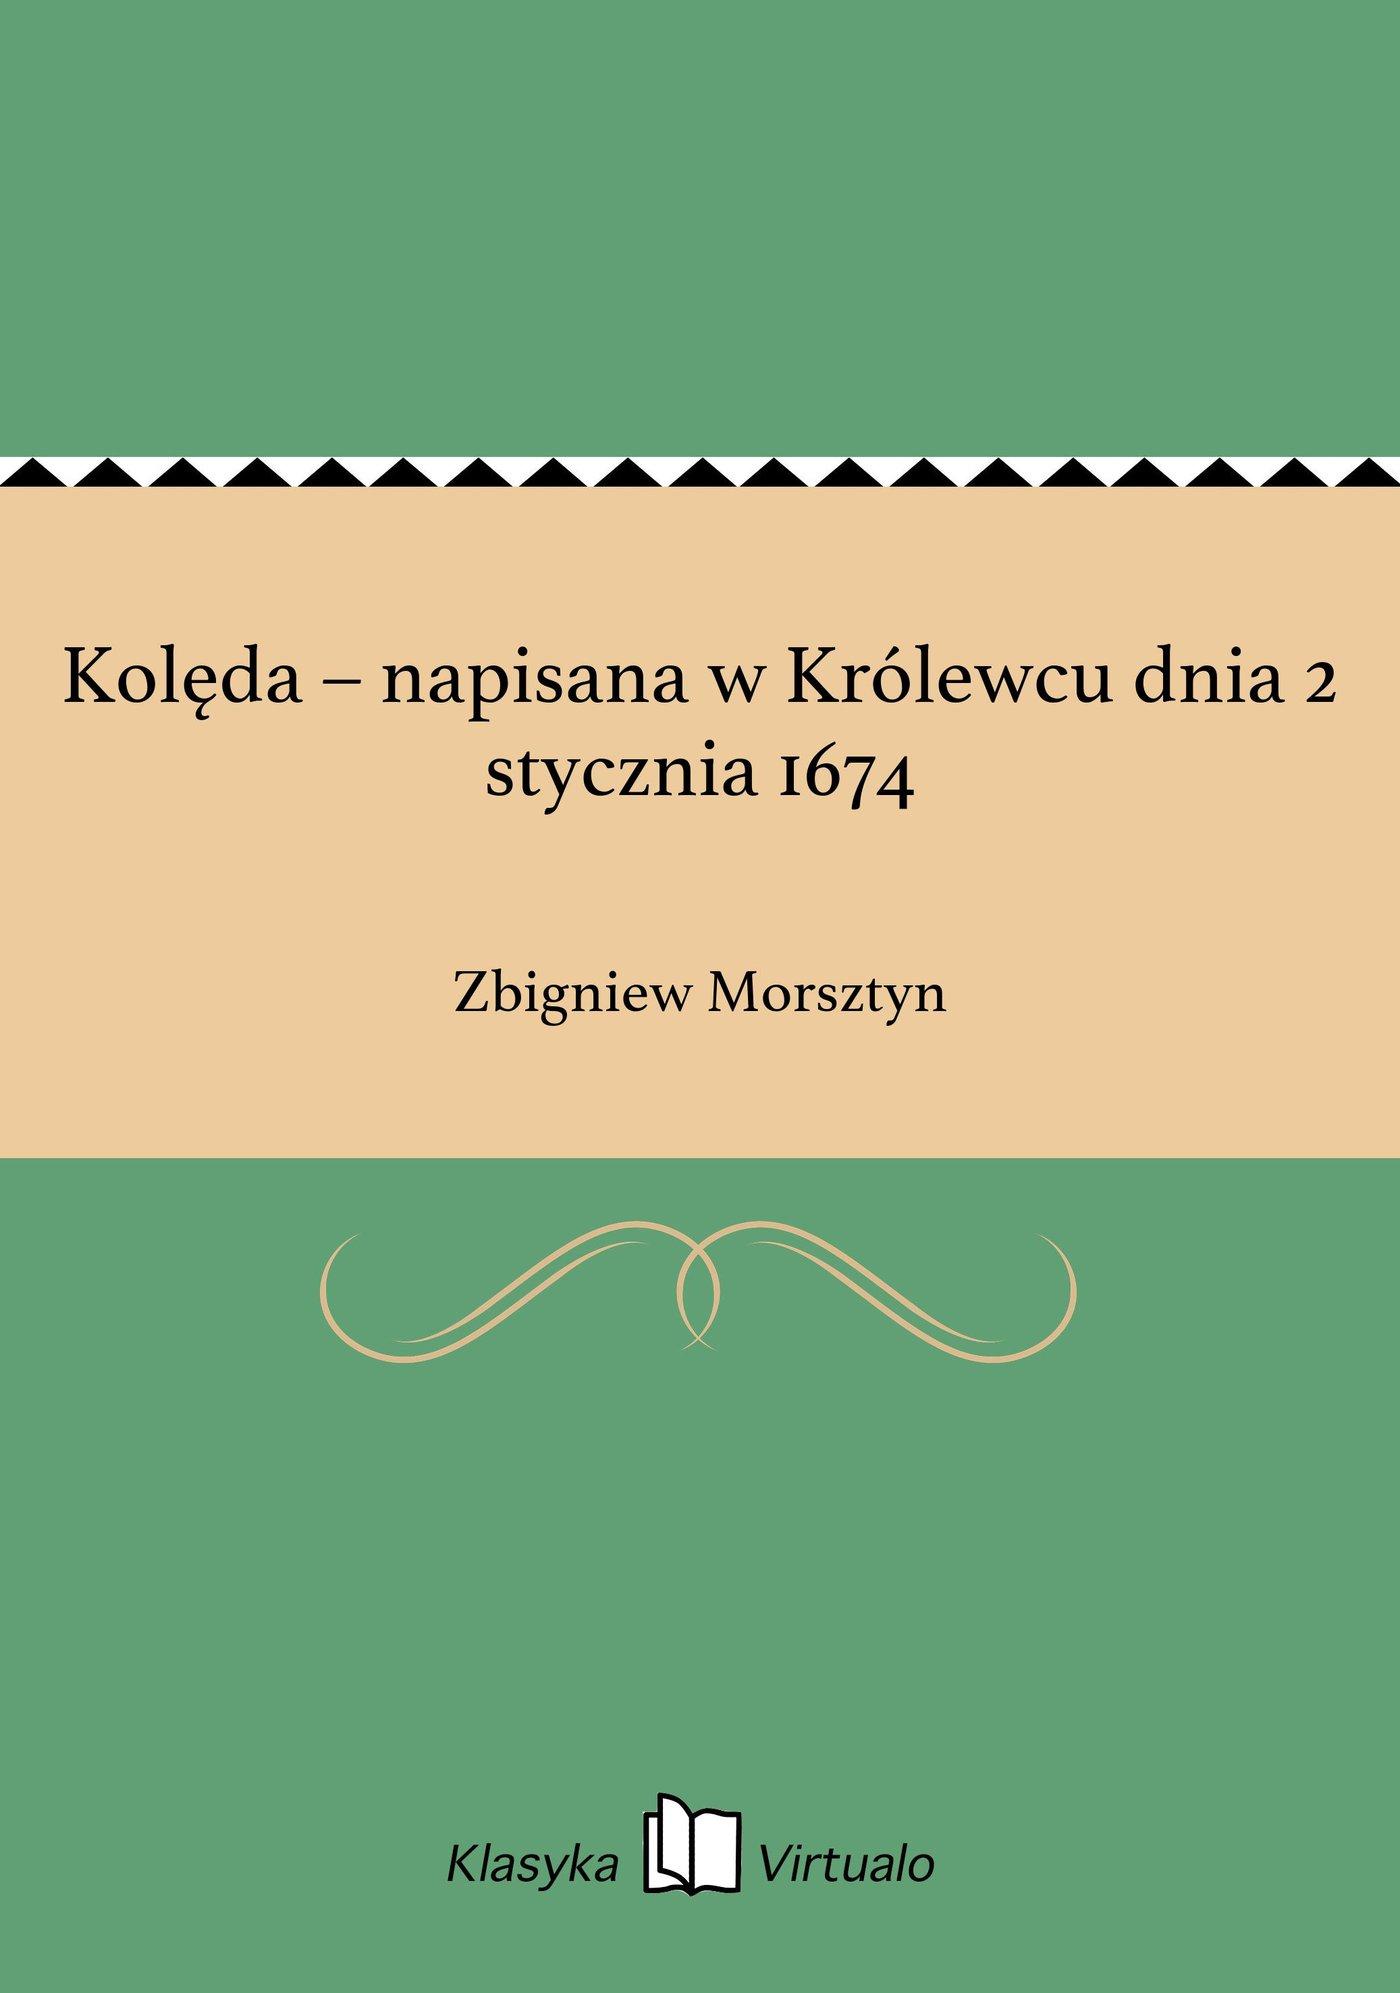 Kolęda – napisana w Królewcu dnia 2 stycznia 1674 - Ebook (Książka na Kindle) do pobrania w formacie MOBI